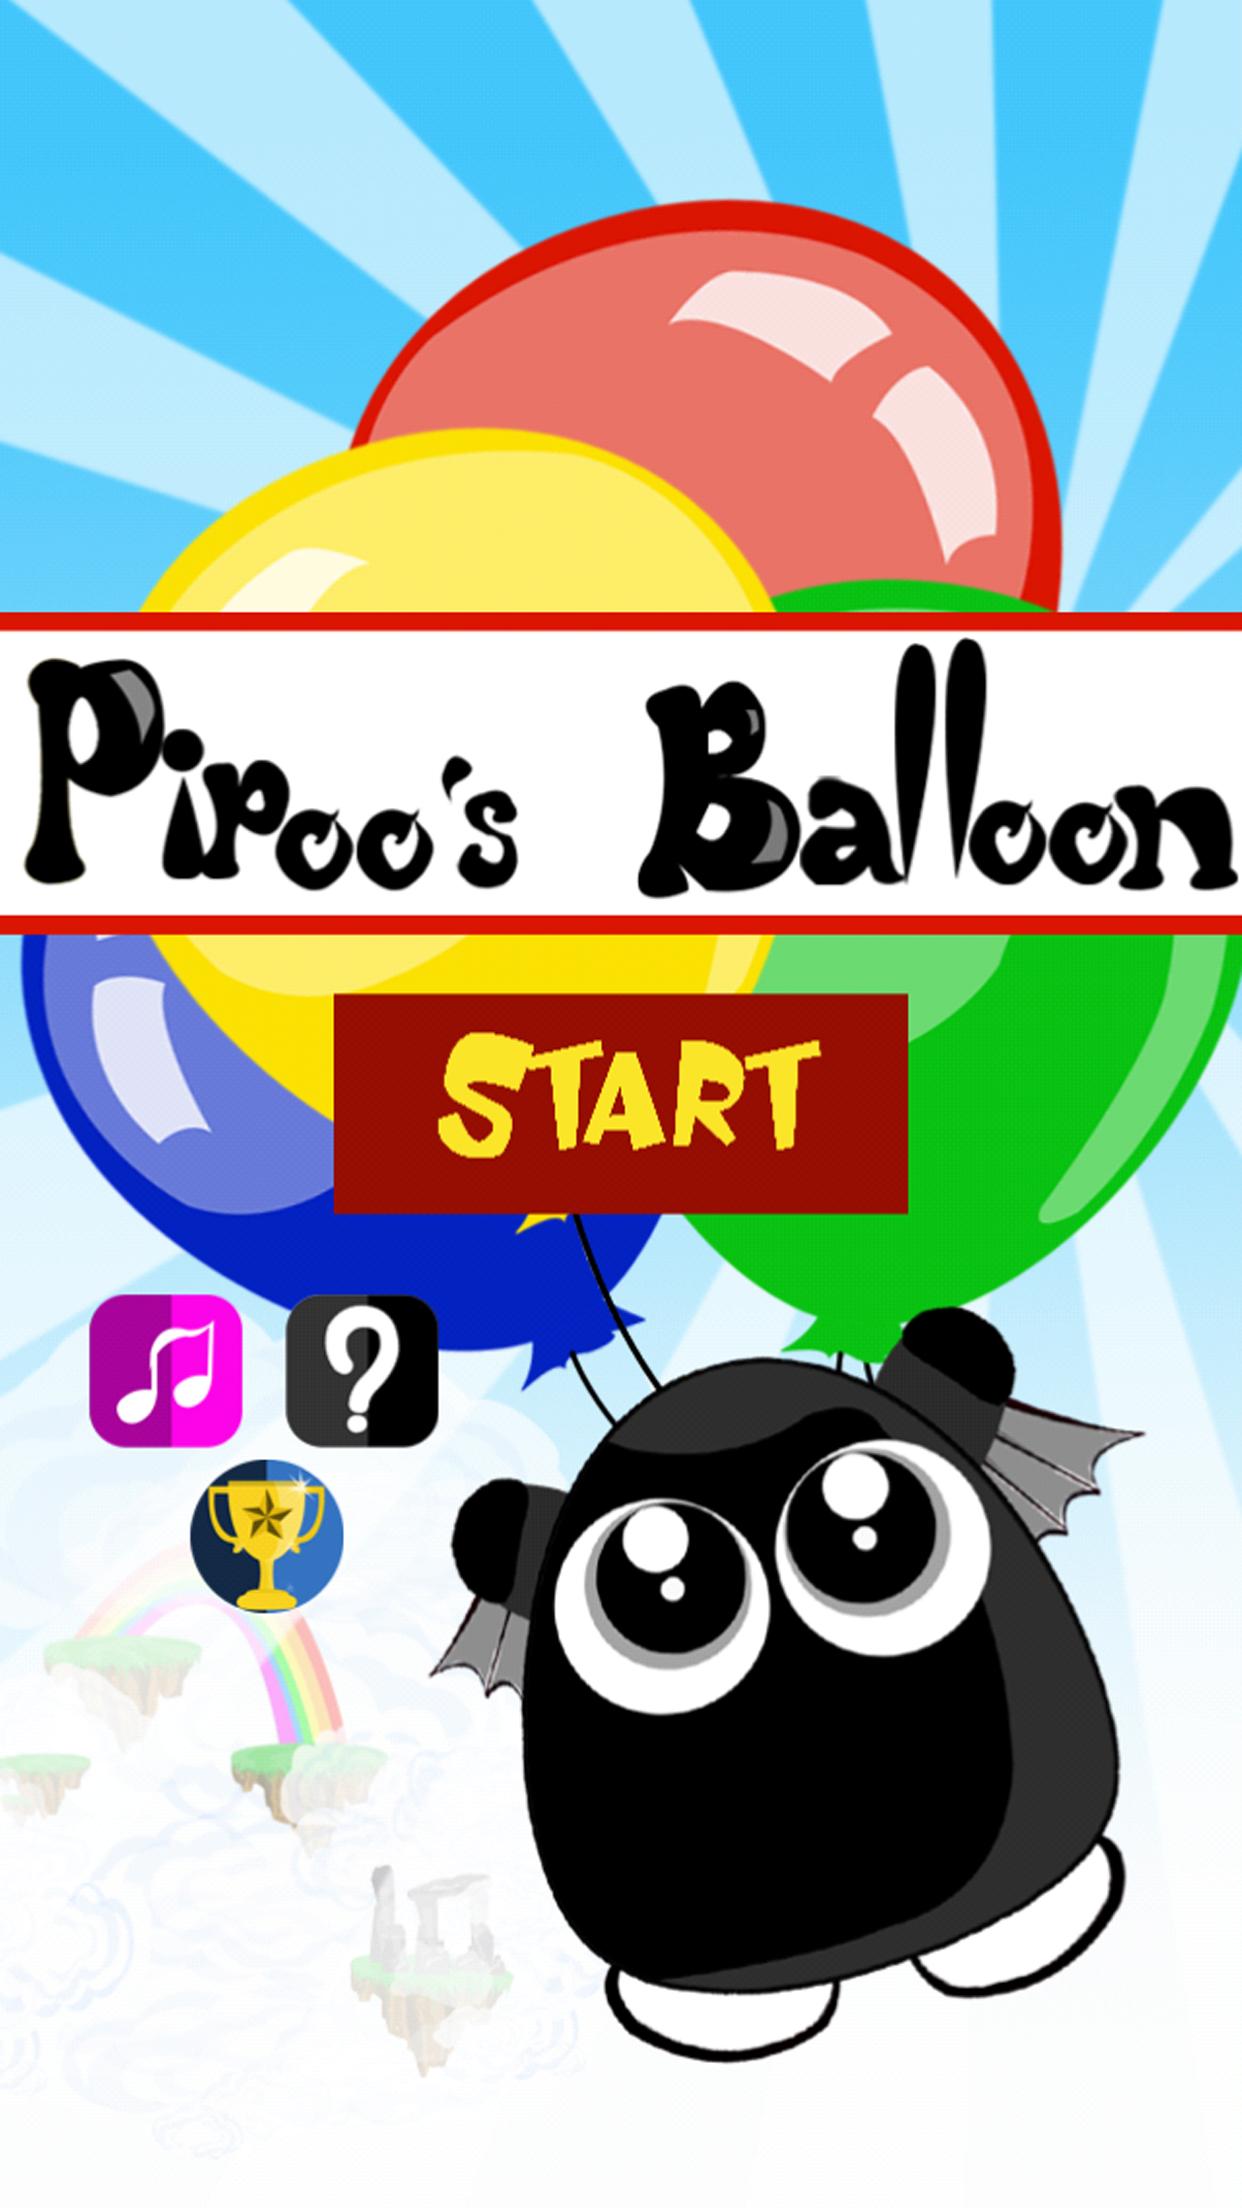 Pipoo's Balloon